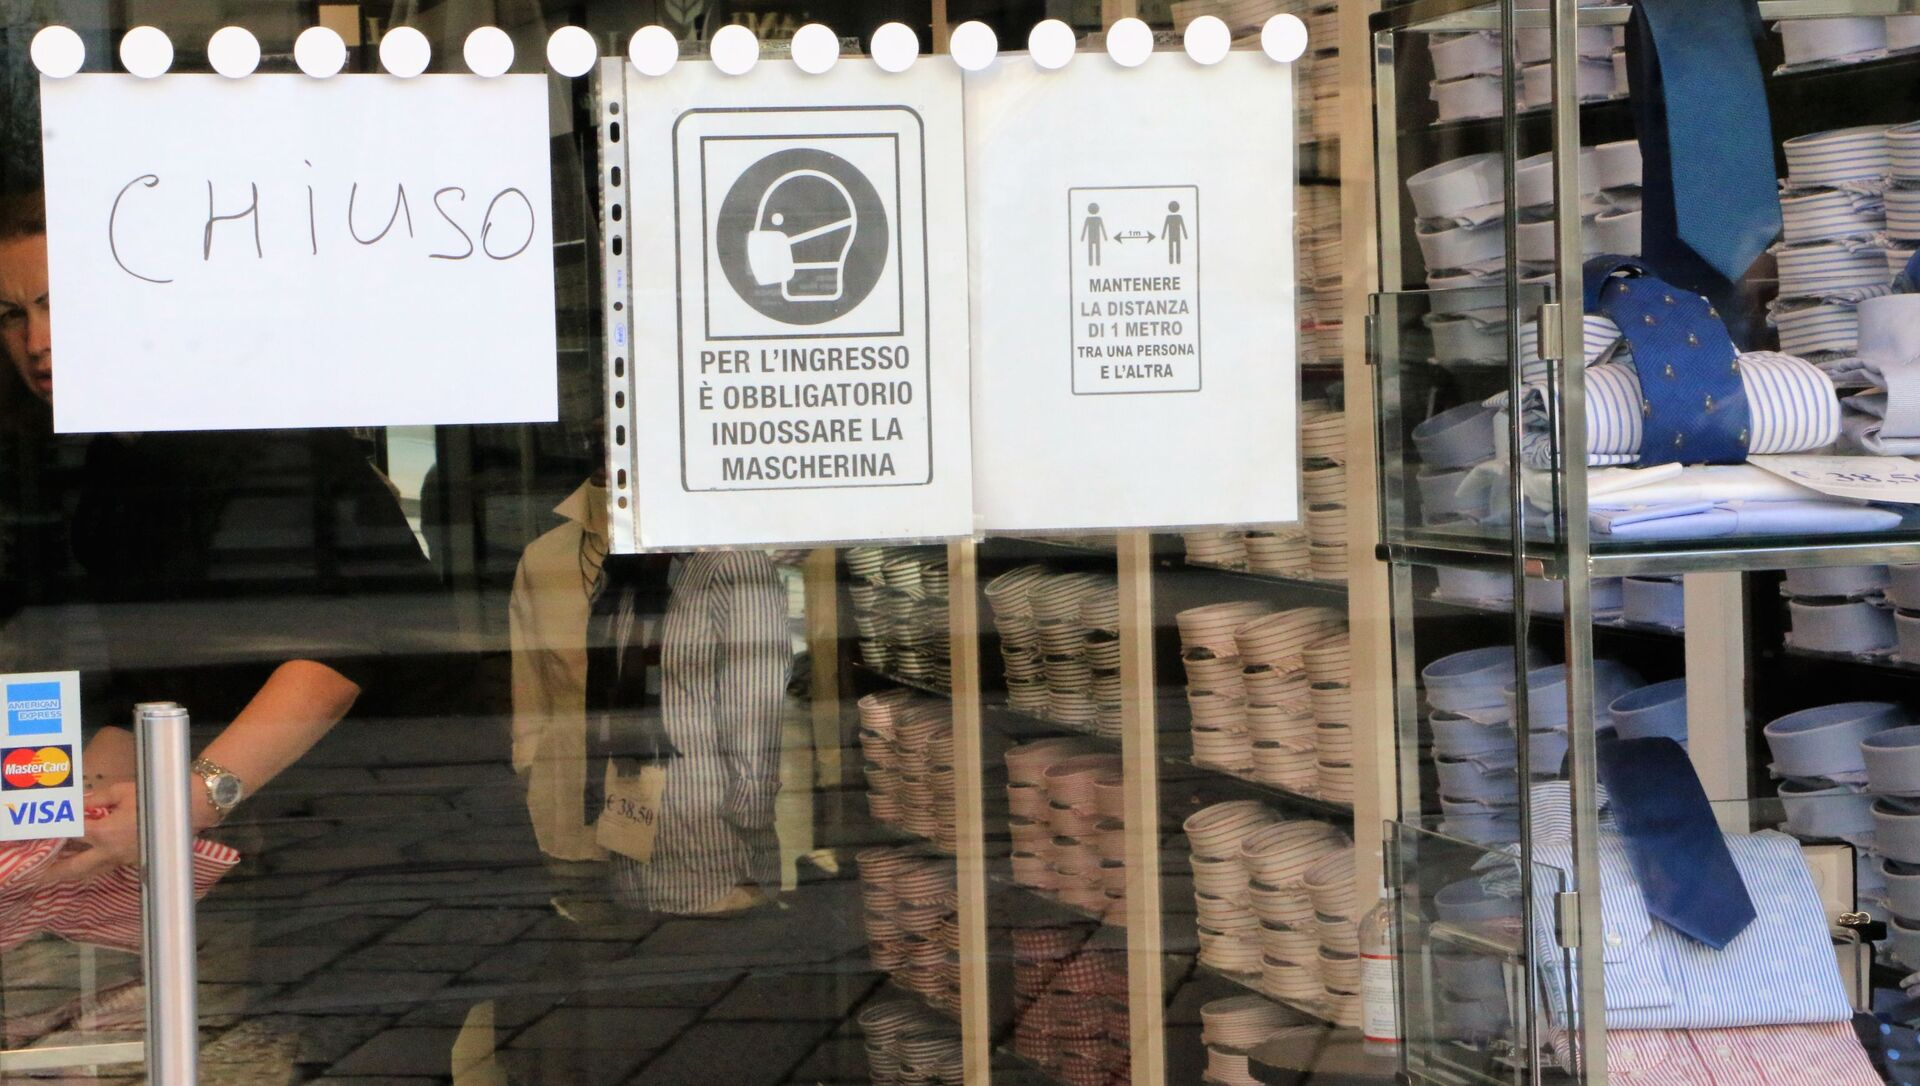 Un negozio chiuso con un volantino con le misure anti-Covid  - Sputnik Italia, 1920, 06.02.2021